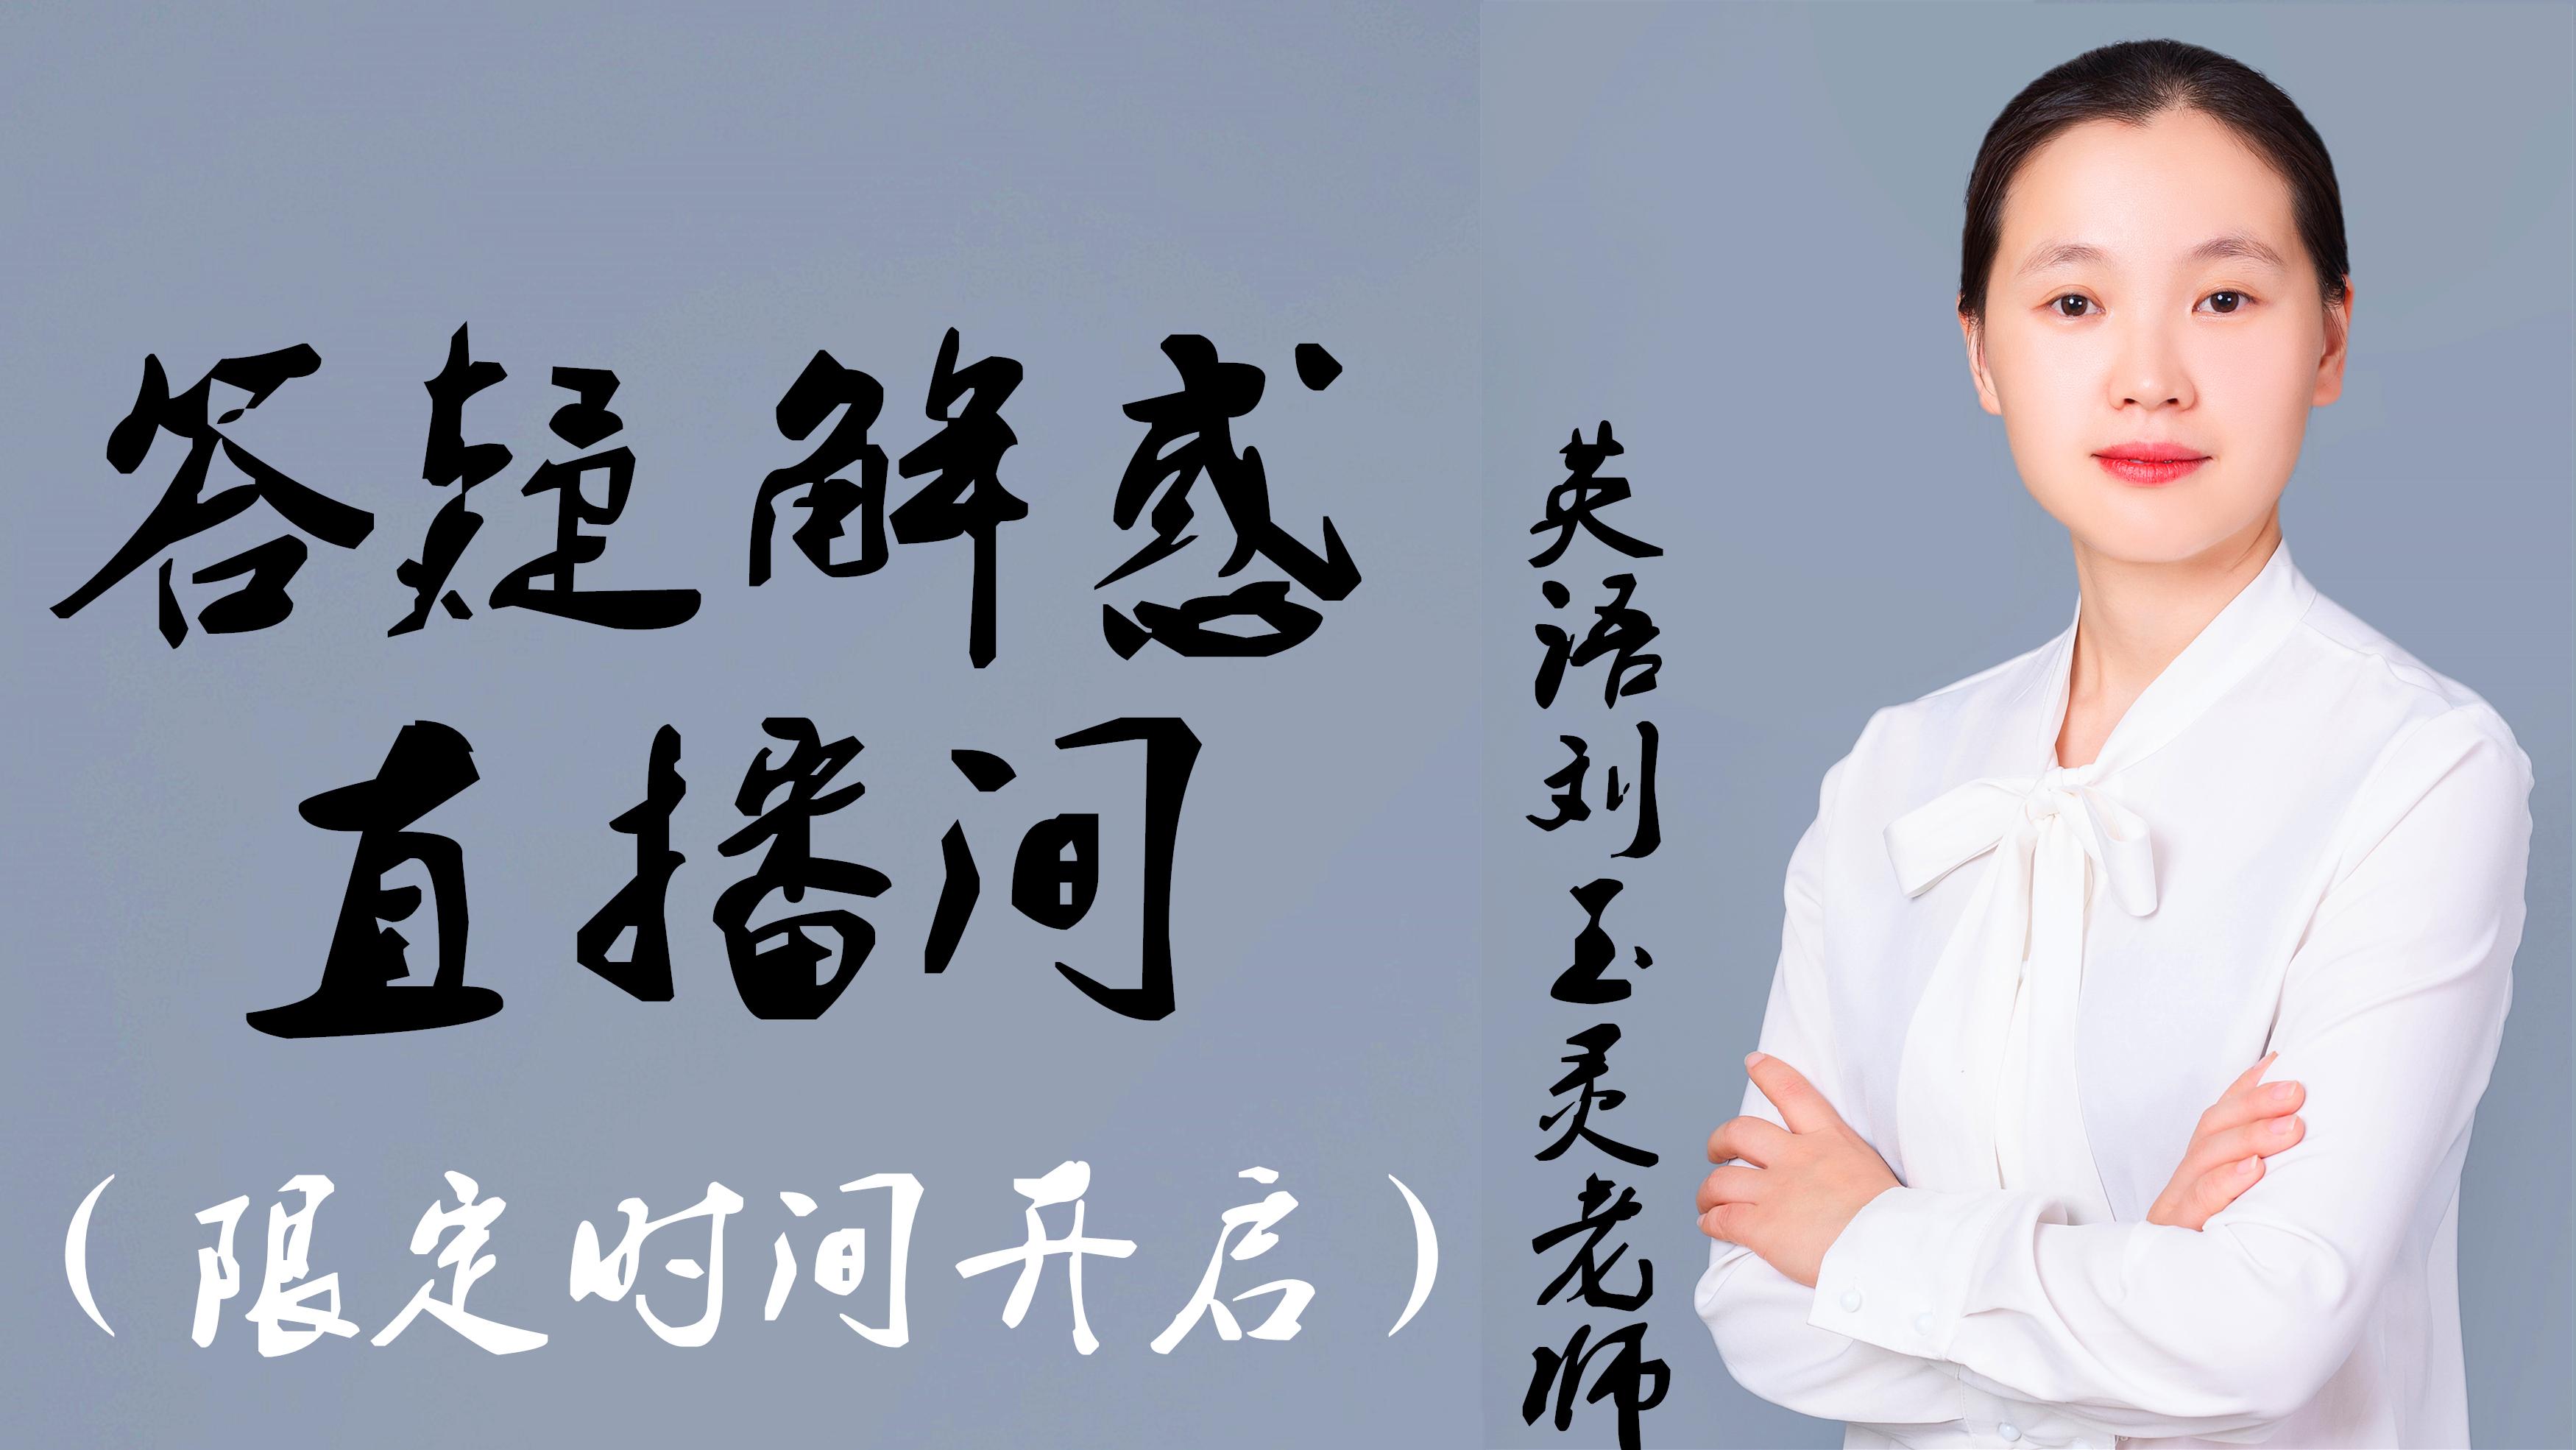 刘玉灵老师答疑解惑直播间